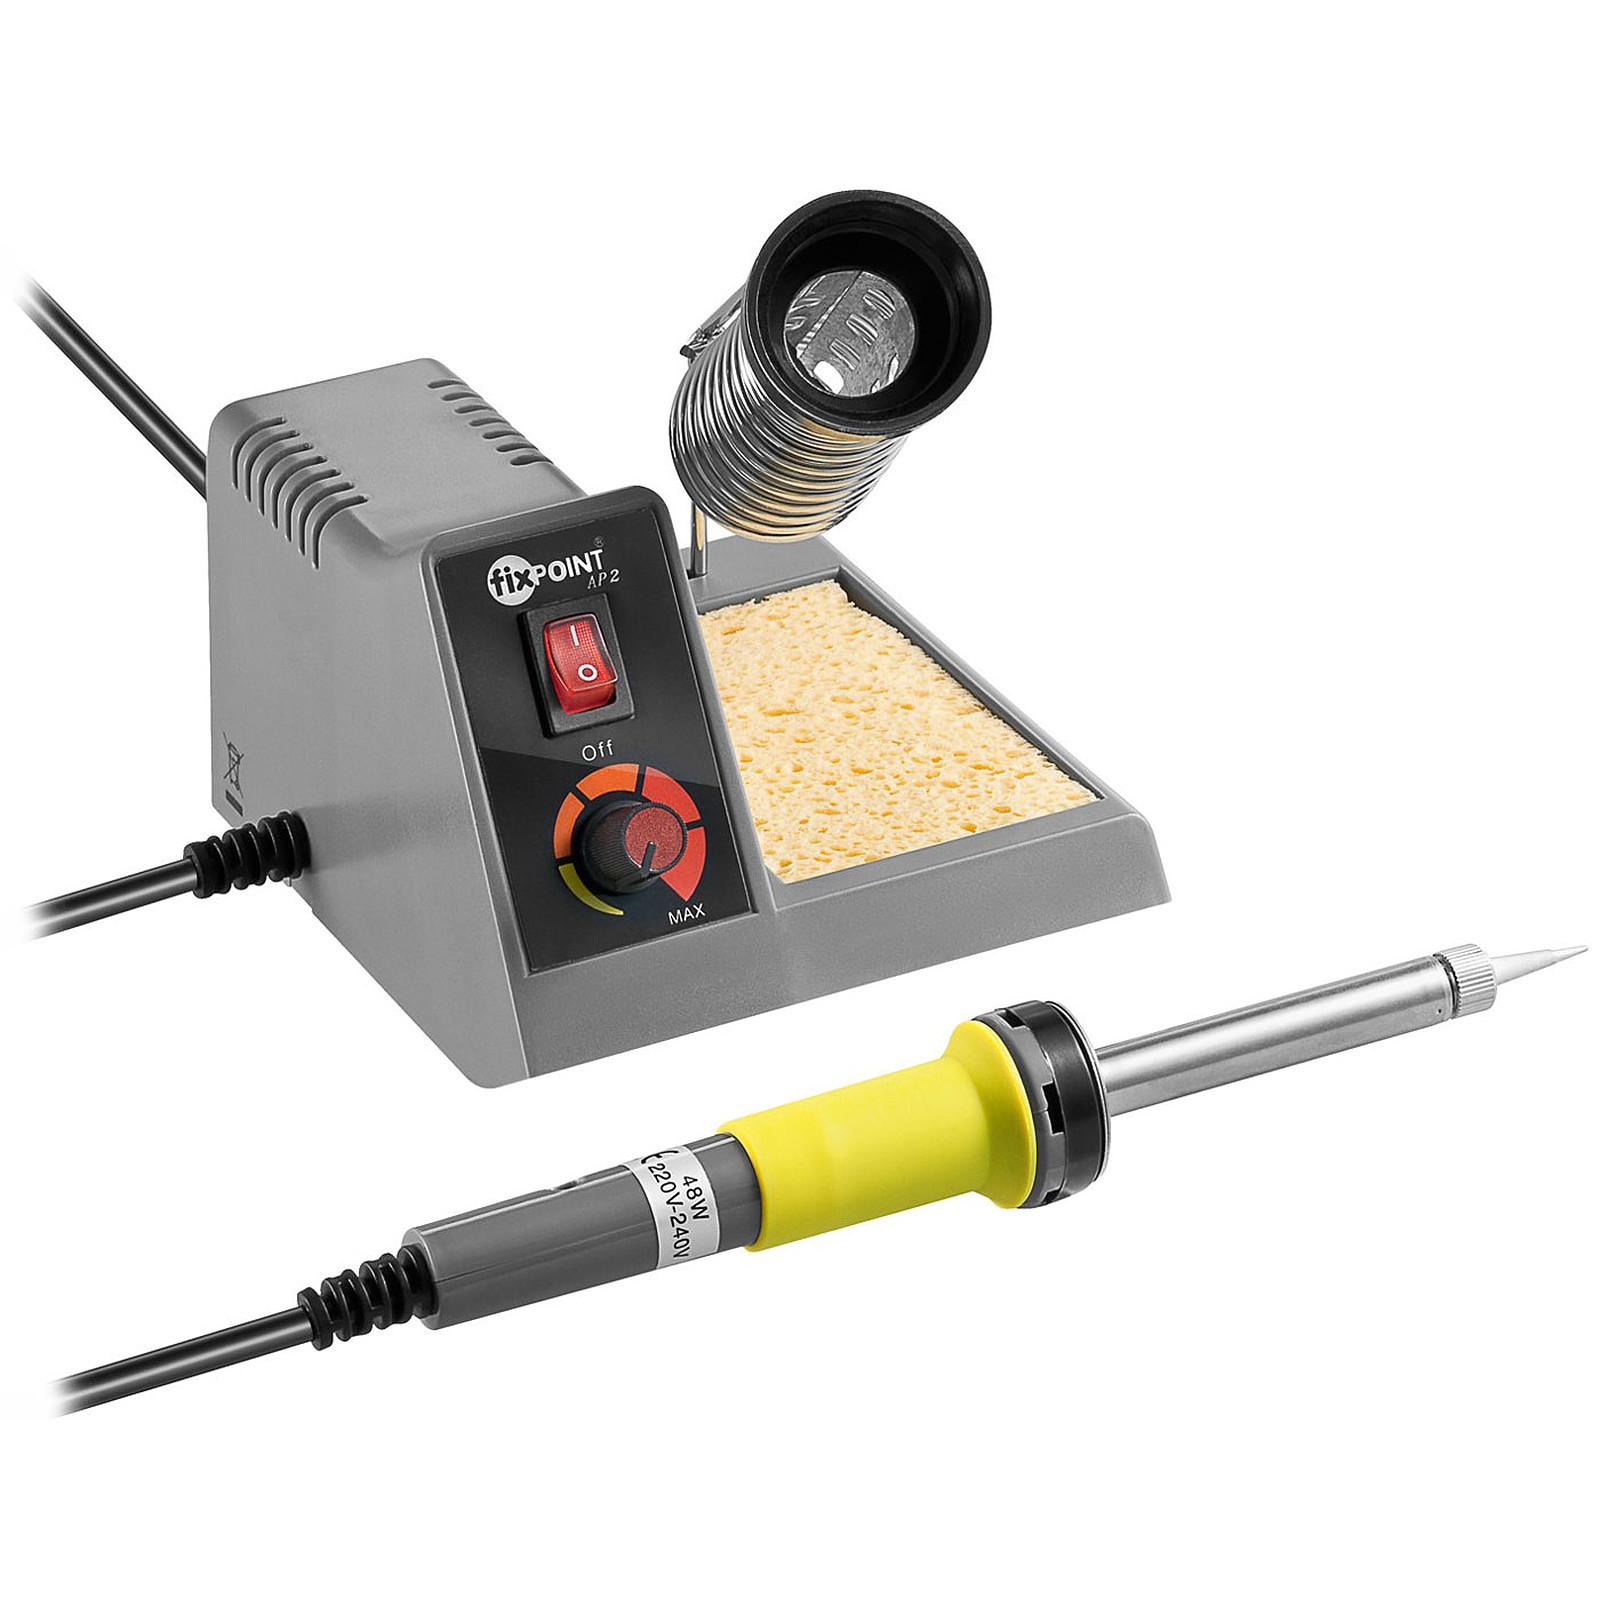 Station de soudure analogique (fer + support avec réglage analogique + éponge)